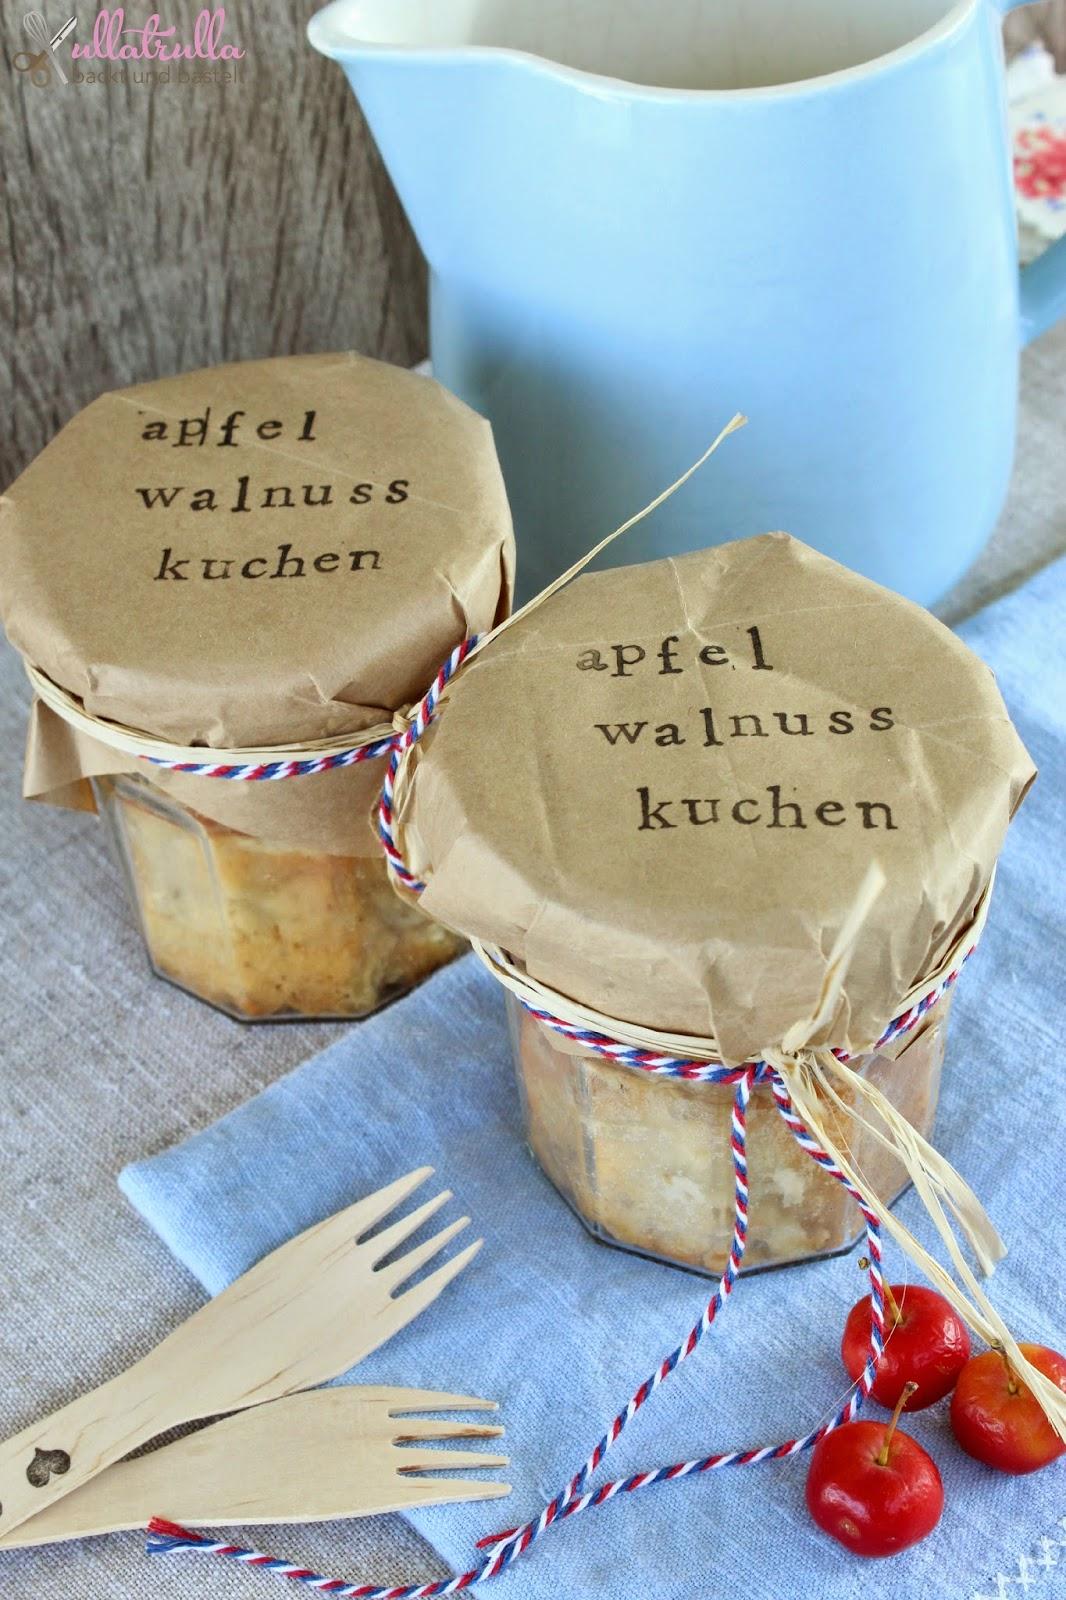 ullatrulla backt und bastelt: Geschenk aus der Küche | DIY für Apfel ...